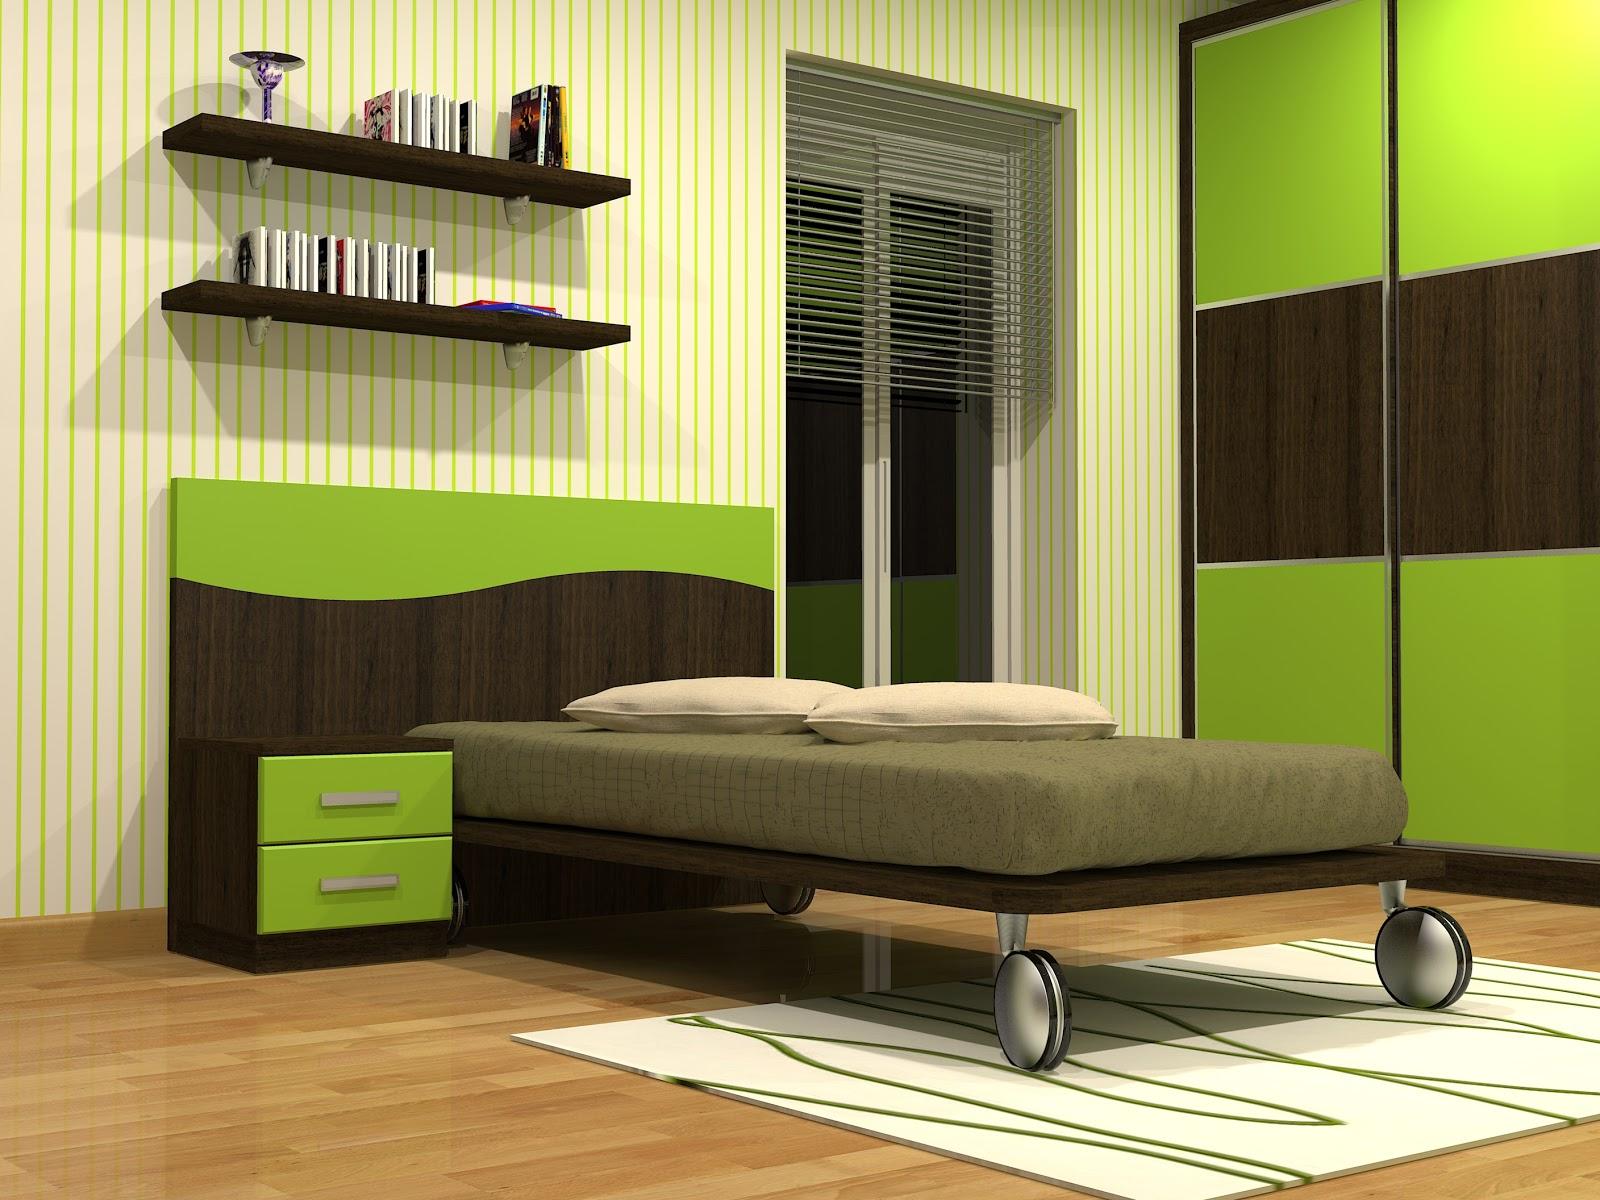 Tienda dormitorios juveniles decoraci n integral para tu habitaci n dormitorios juveniles for Habitaciones juveniles 3 camas